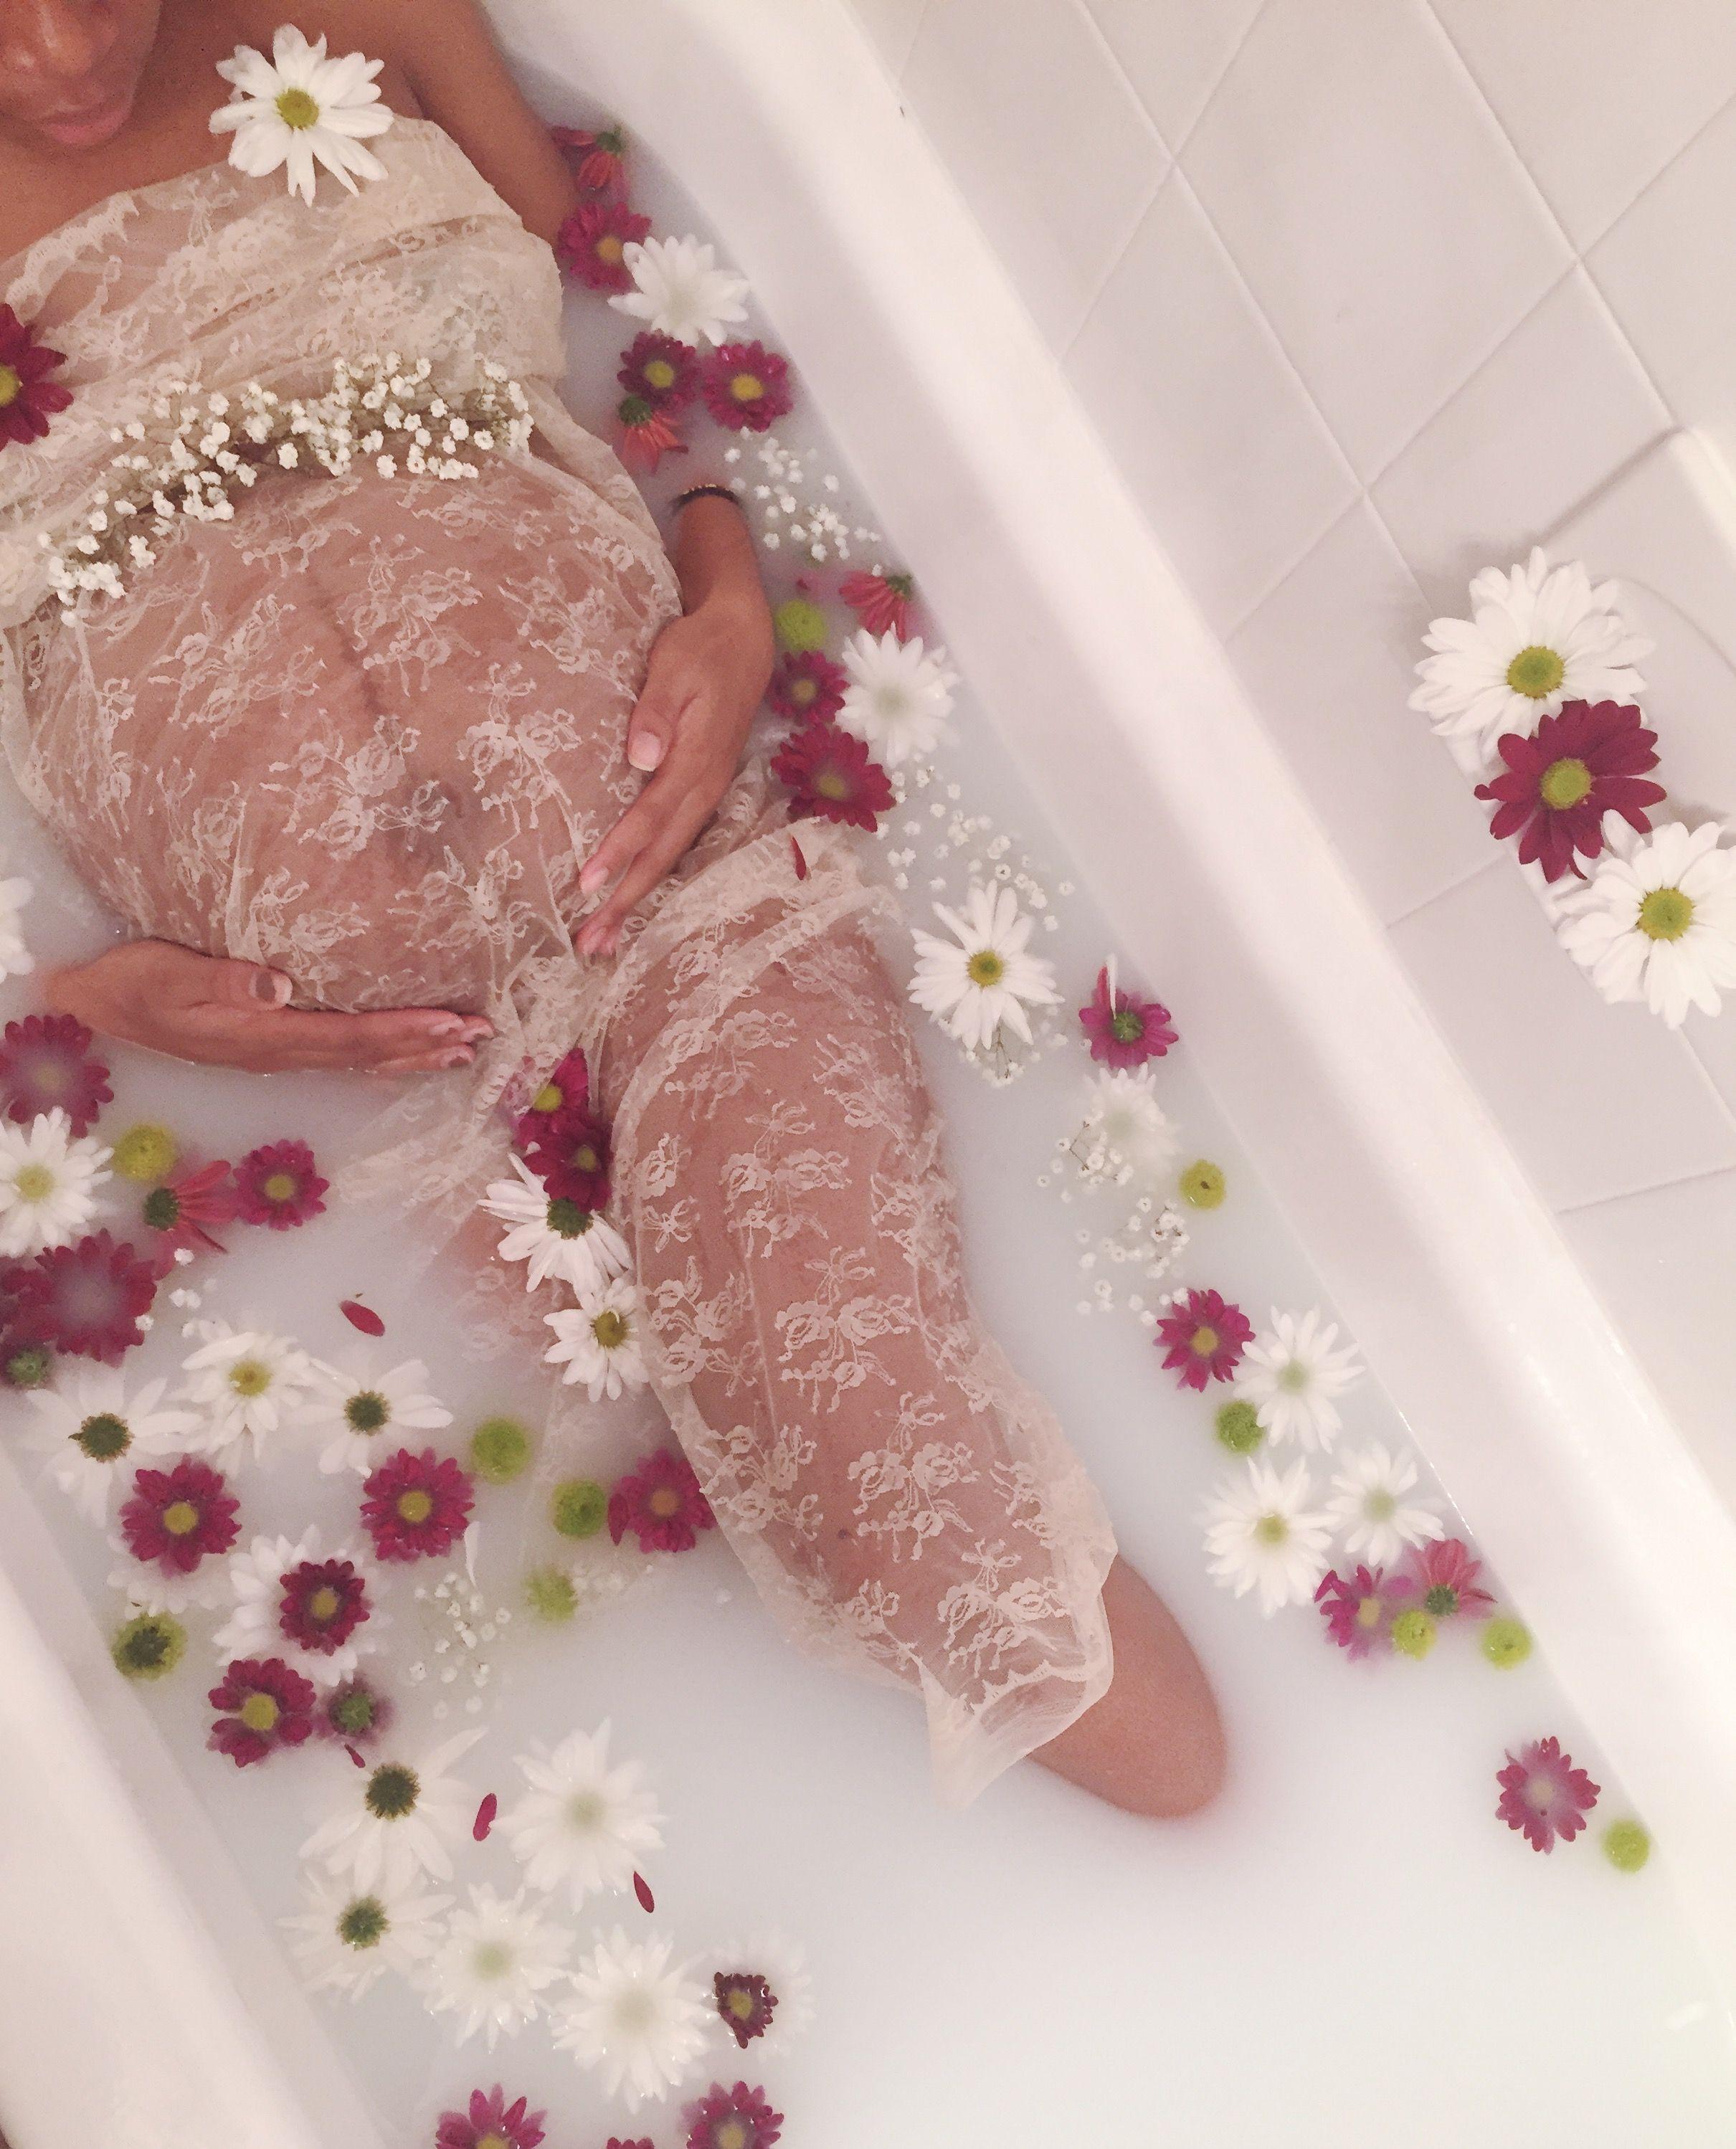 DIY milk bath maternity shoot! So surprisingly easy and fun ...